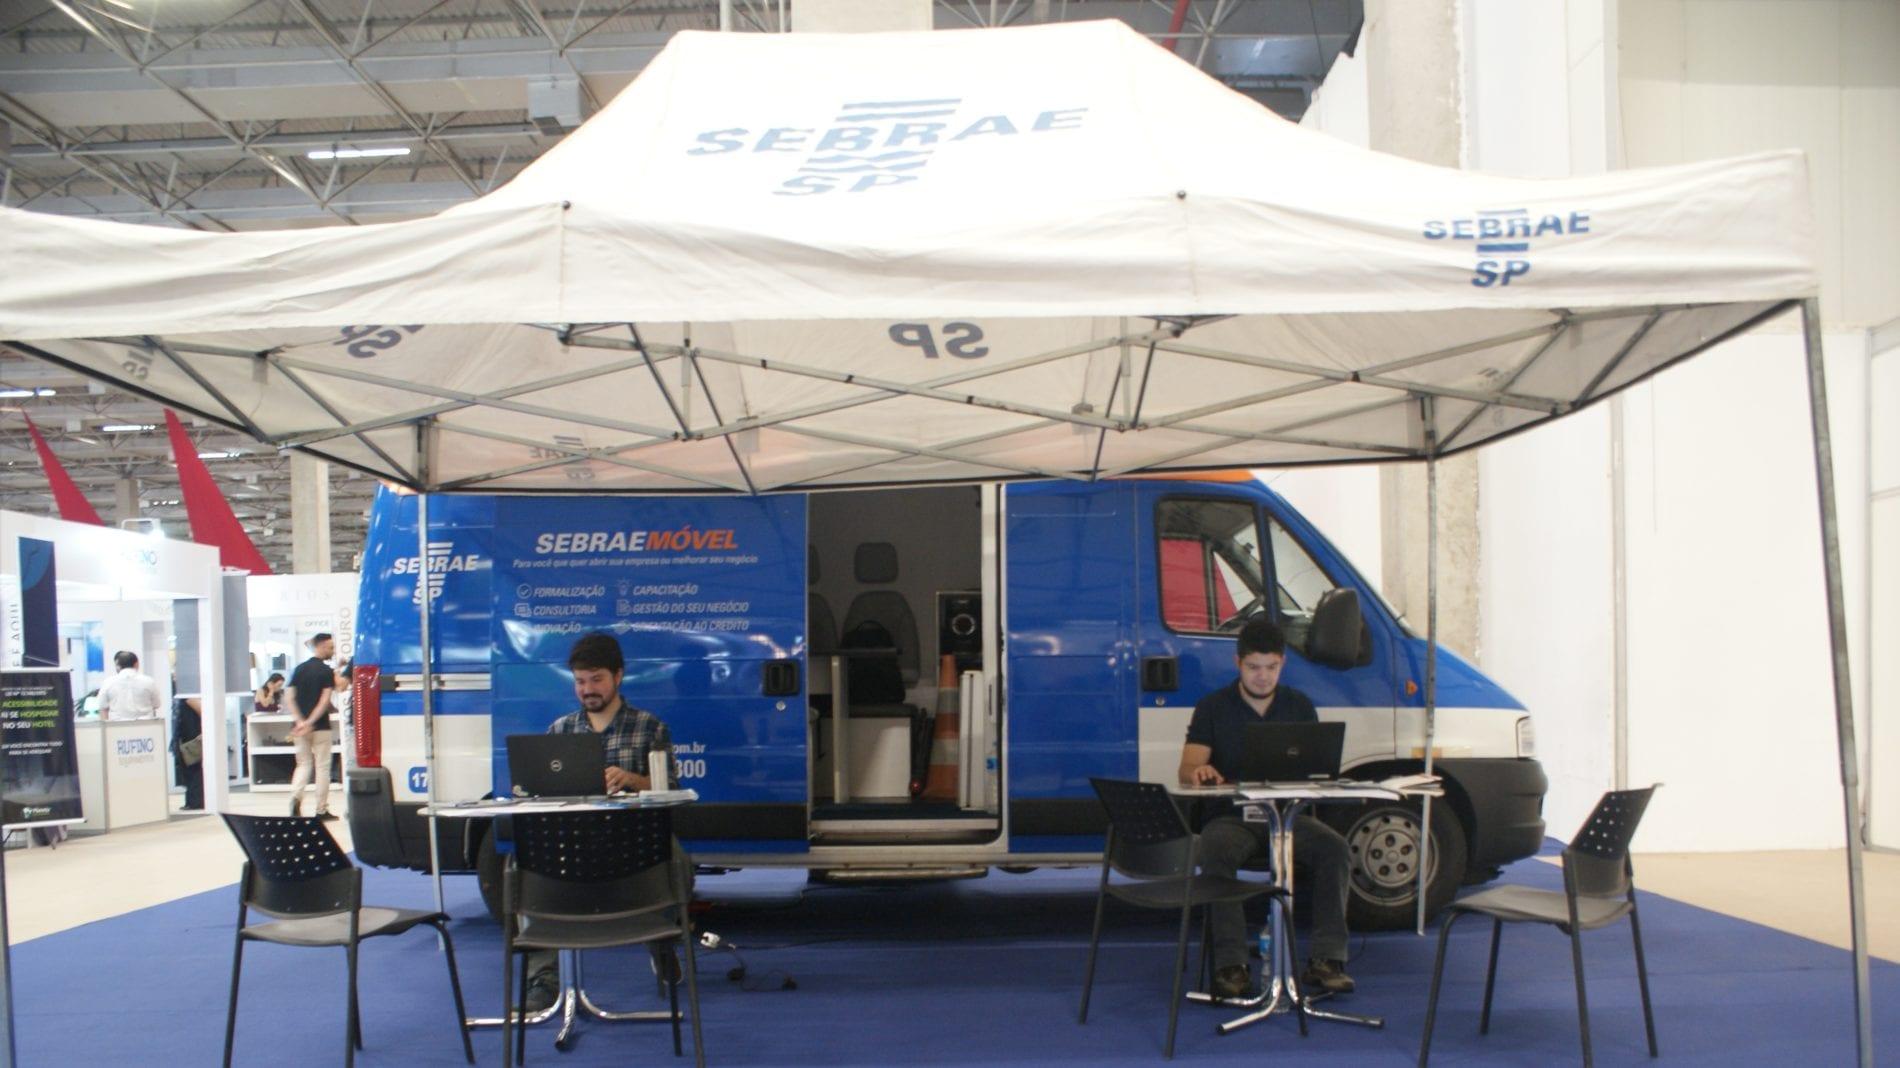 Equipotel 2019: SEBRAE - SP aponta prioridade na comunicação com hóspede